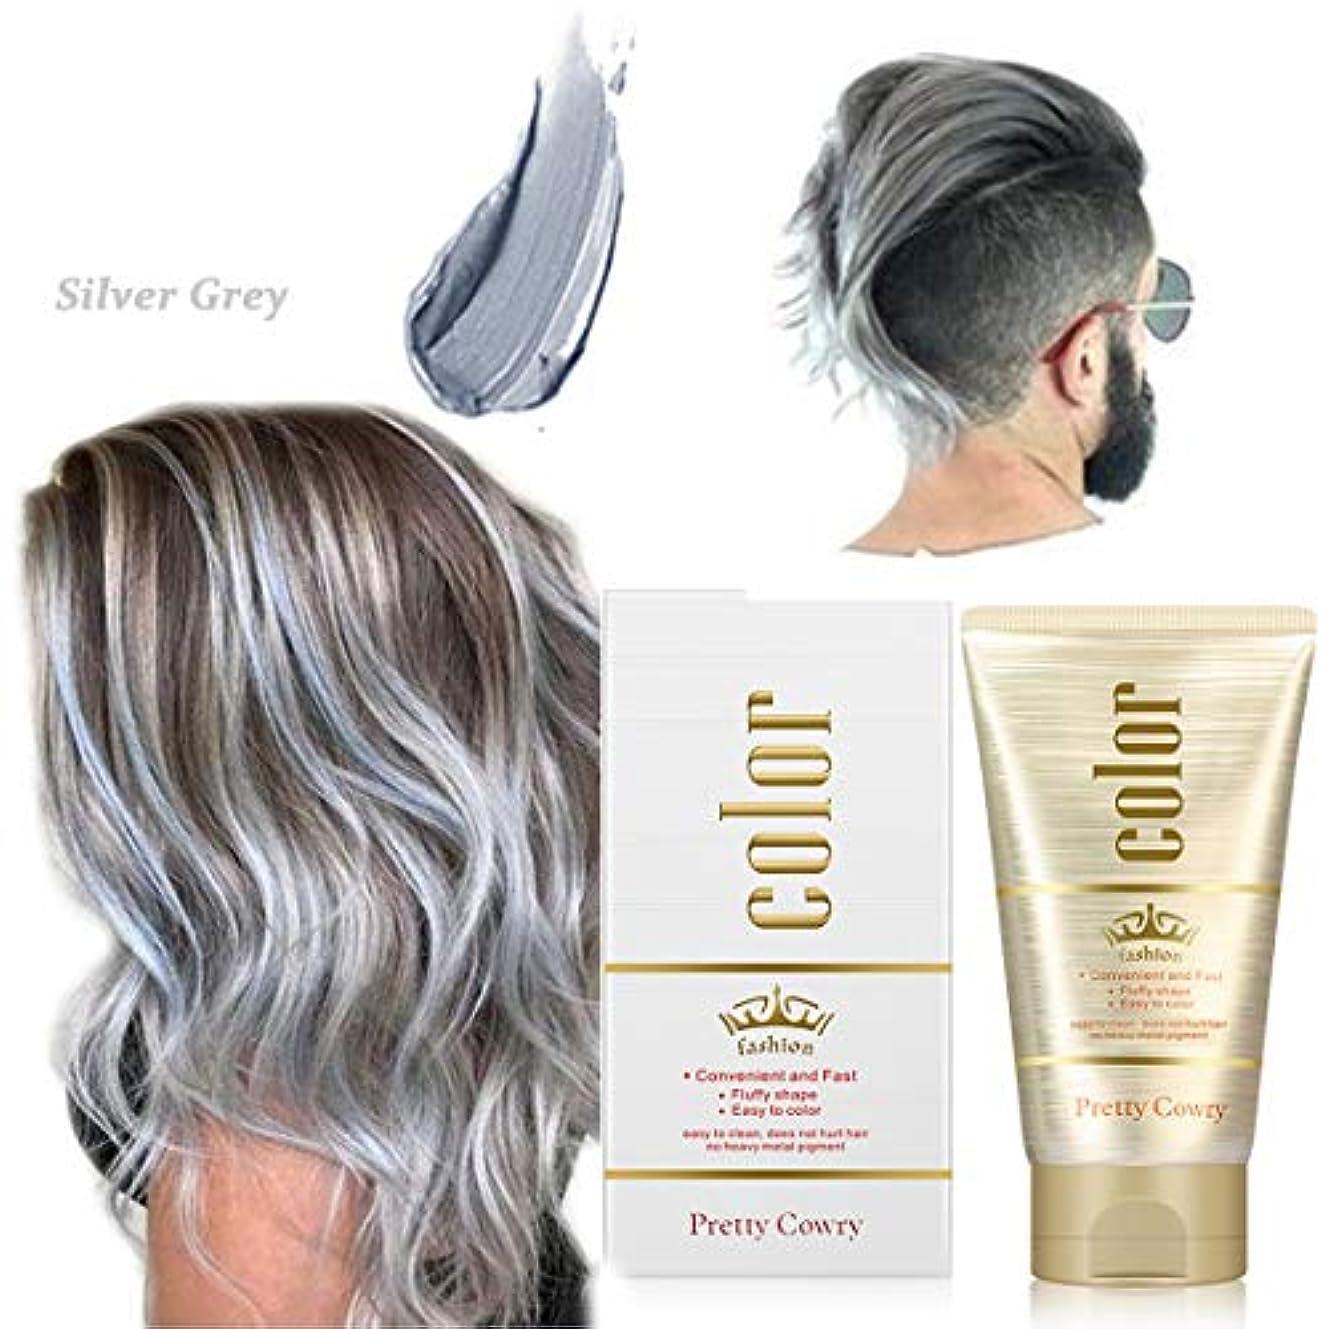 ロック解除今後申し立てる染めヘアワックス、ワンタイムカラースタイリング、スタイリングカラーヘアワックス、ユニセックス9色、diyヘアカラーヘアパーティー、ロールプレイング (Sliver grey)